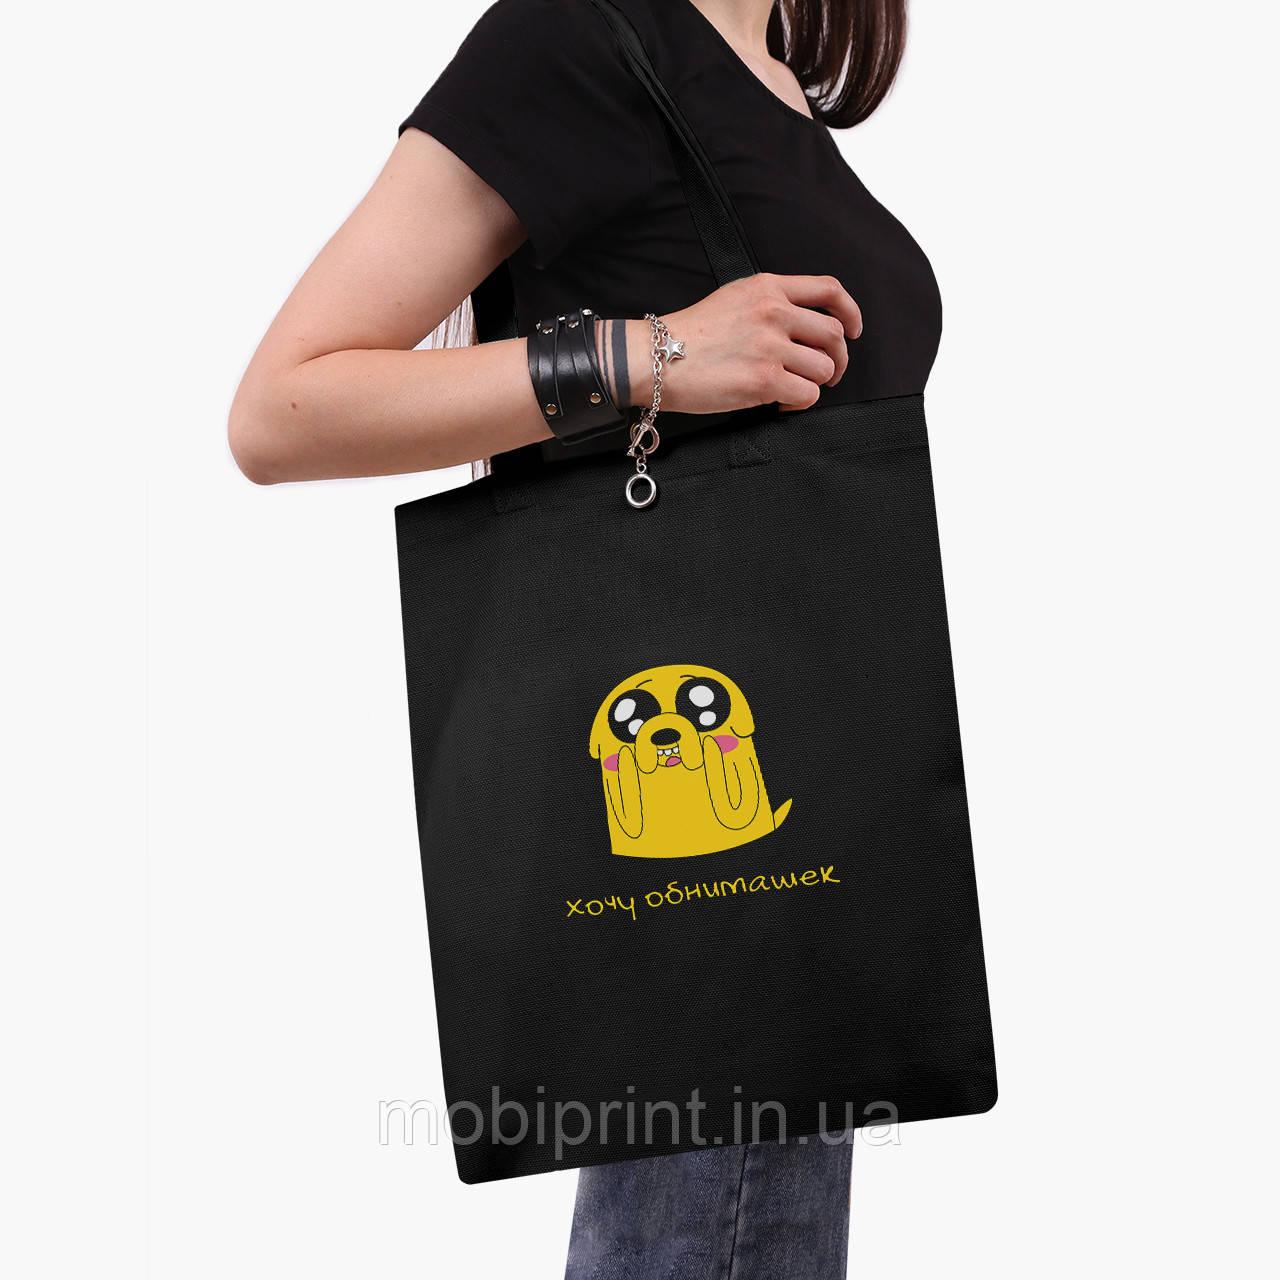 Эко сумка шоппер черная Джейк пес Время Приключений (Adventu (9227-1577-2)  экосумка шопер 41*35 см